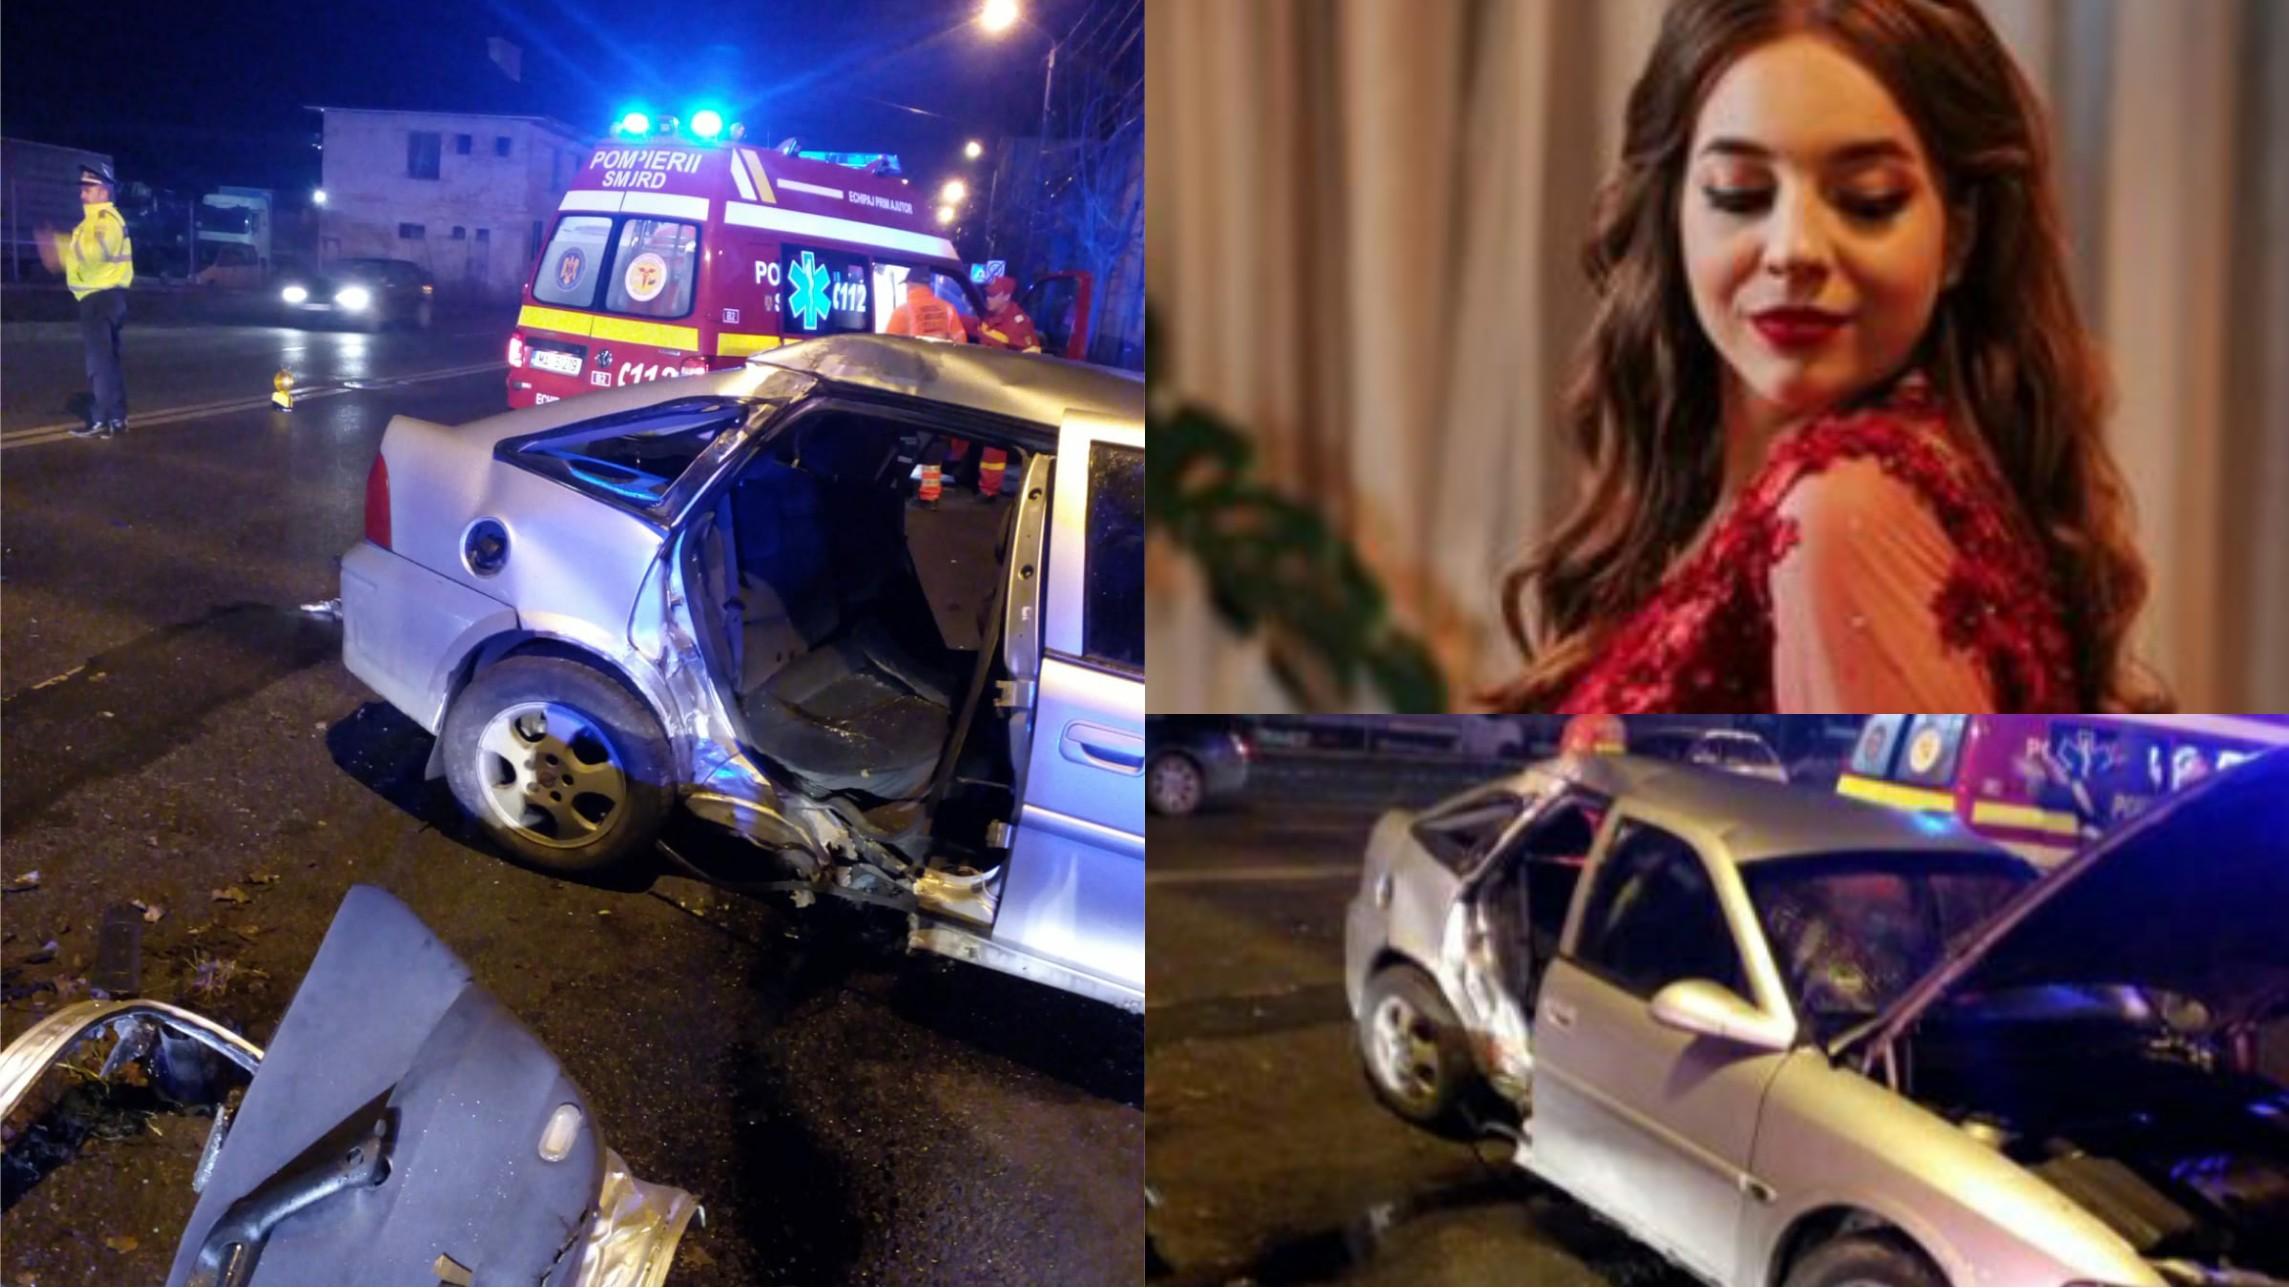 Tânăra de 18 ani, rănită grav în accidentul de la Dej părăsește această lume, însă va salva alte vieți!